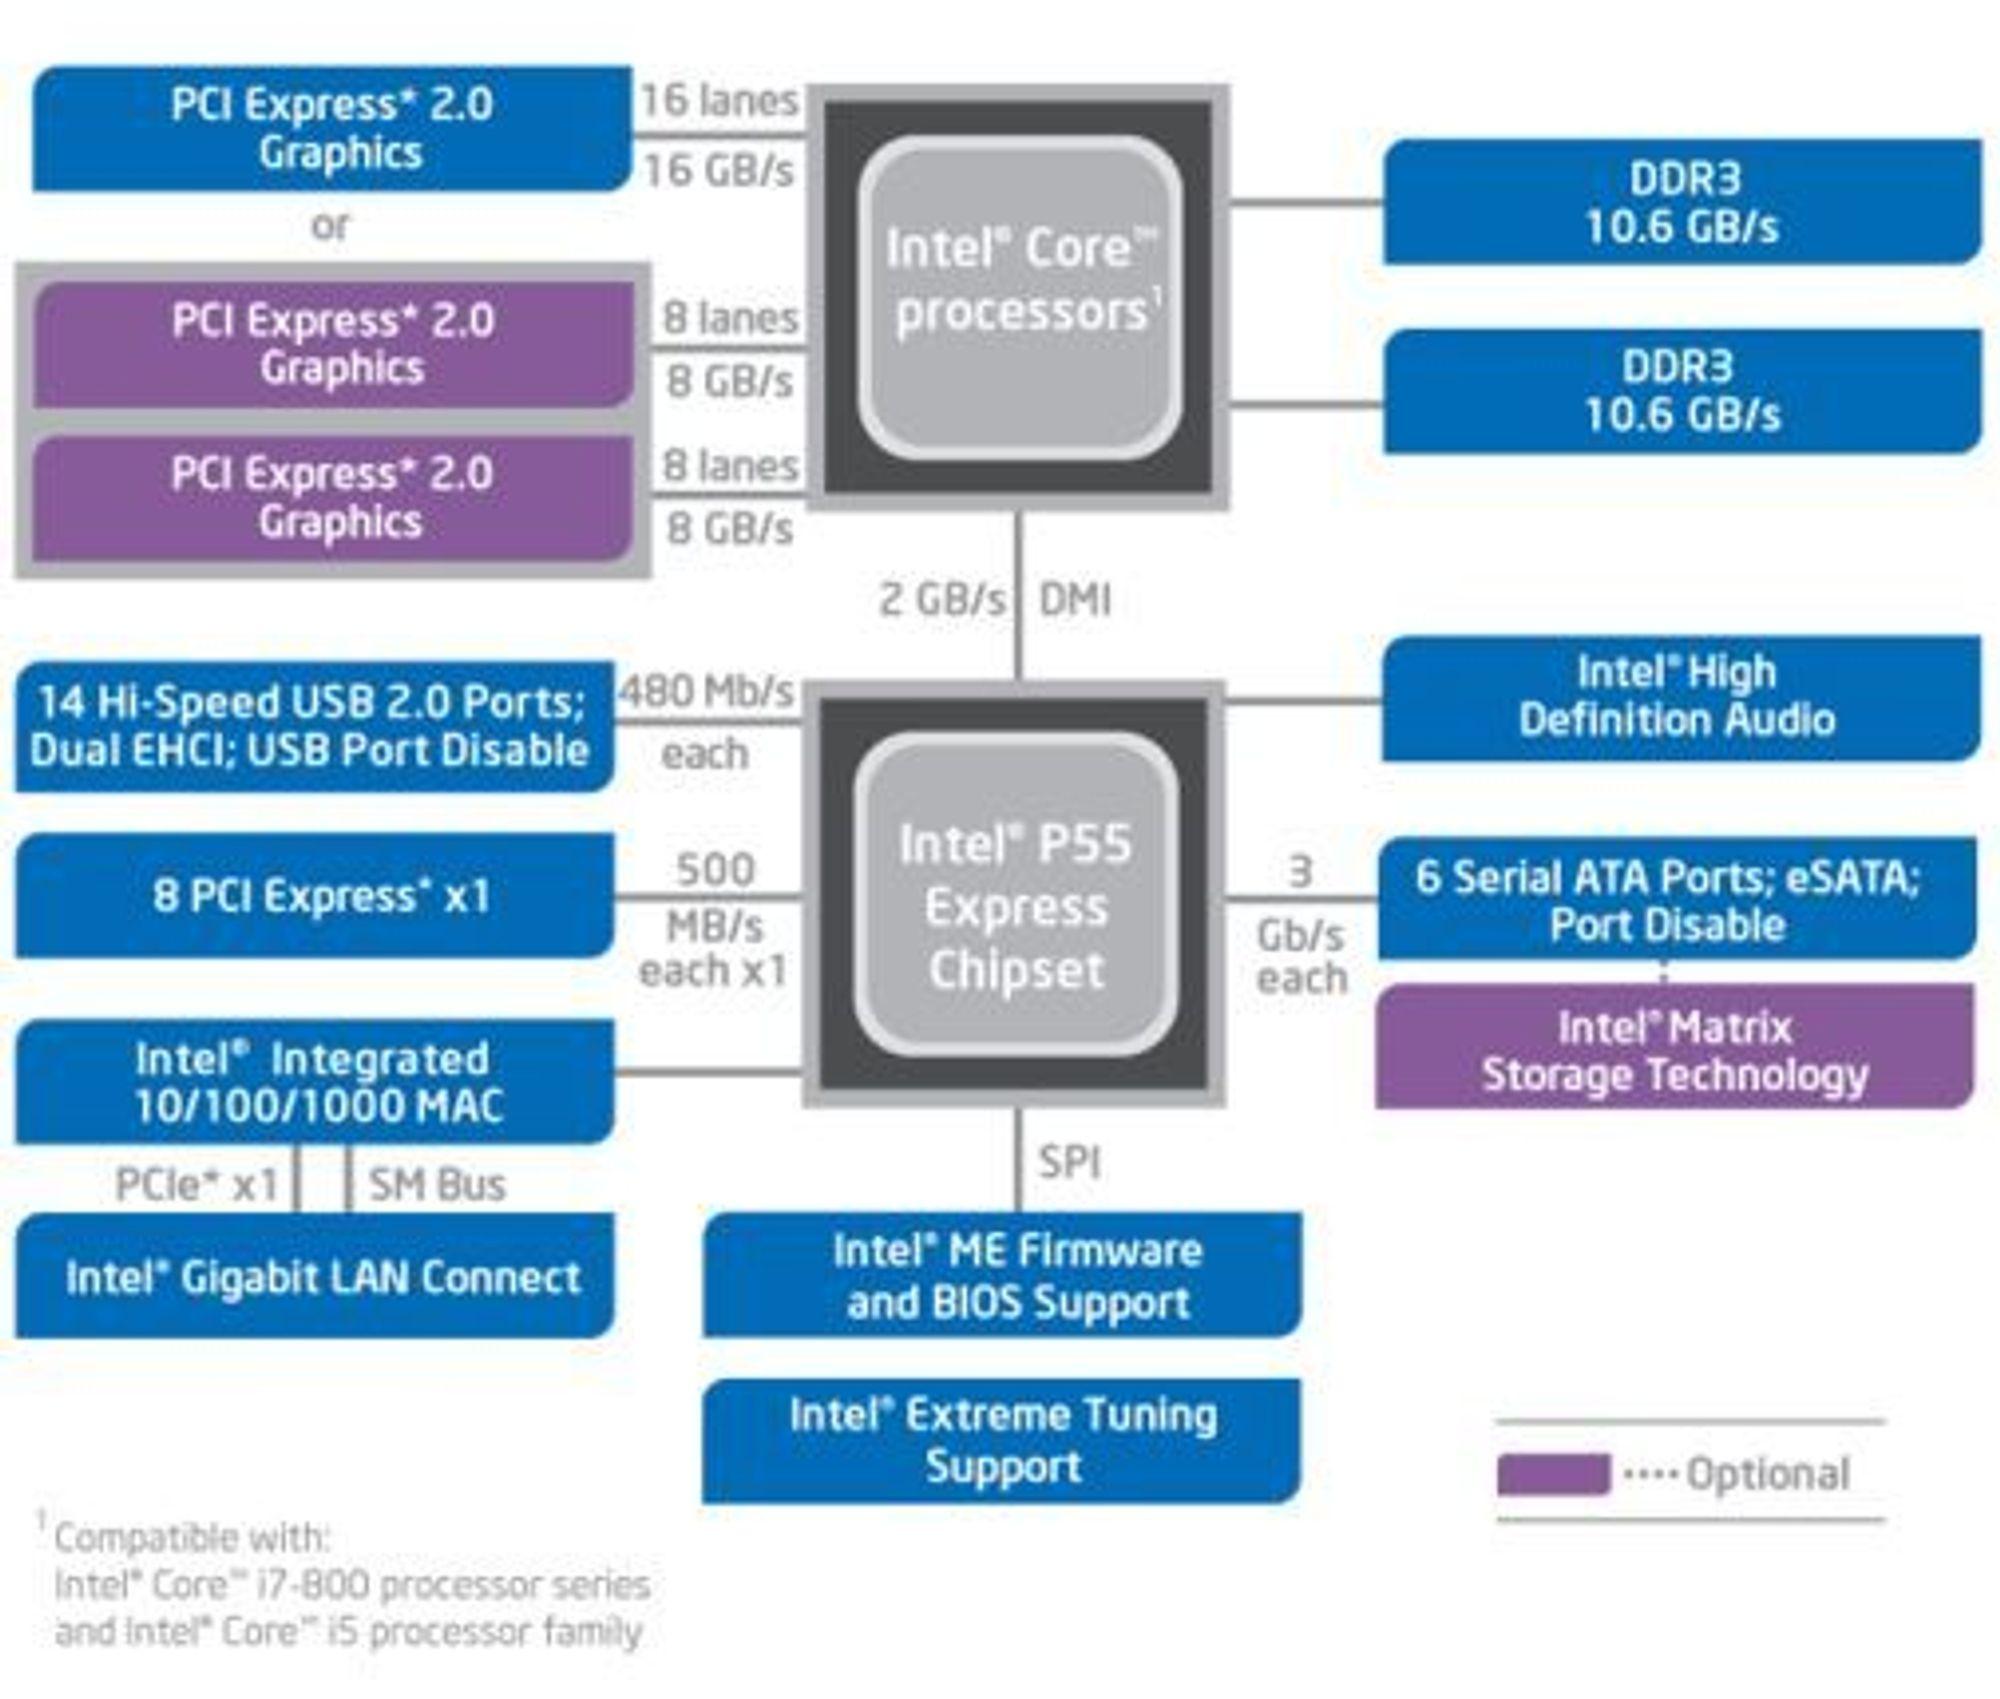 Systemarkitektur basert på de nye Intel Core-prosessorene og P55-brikkesettet